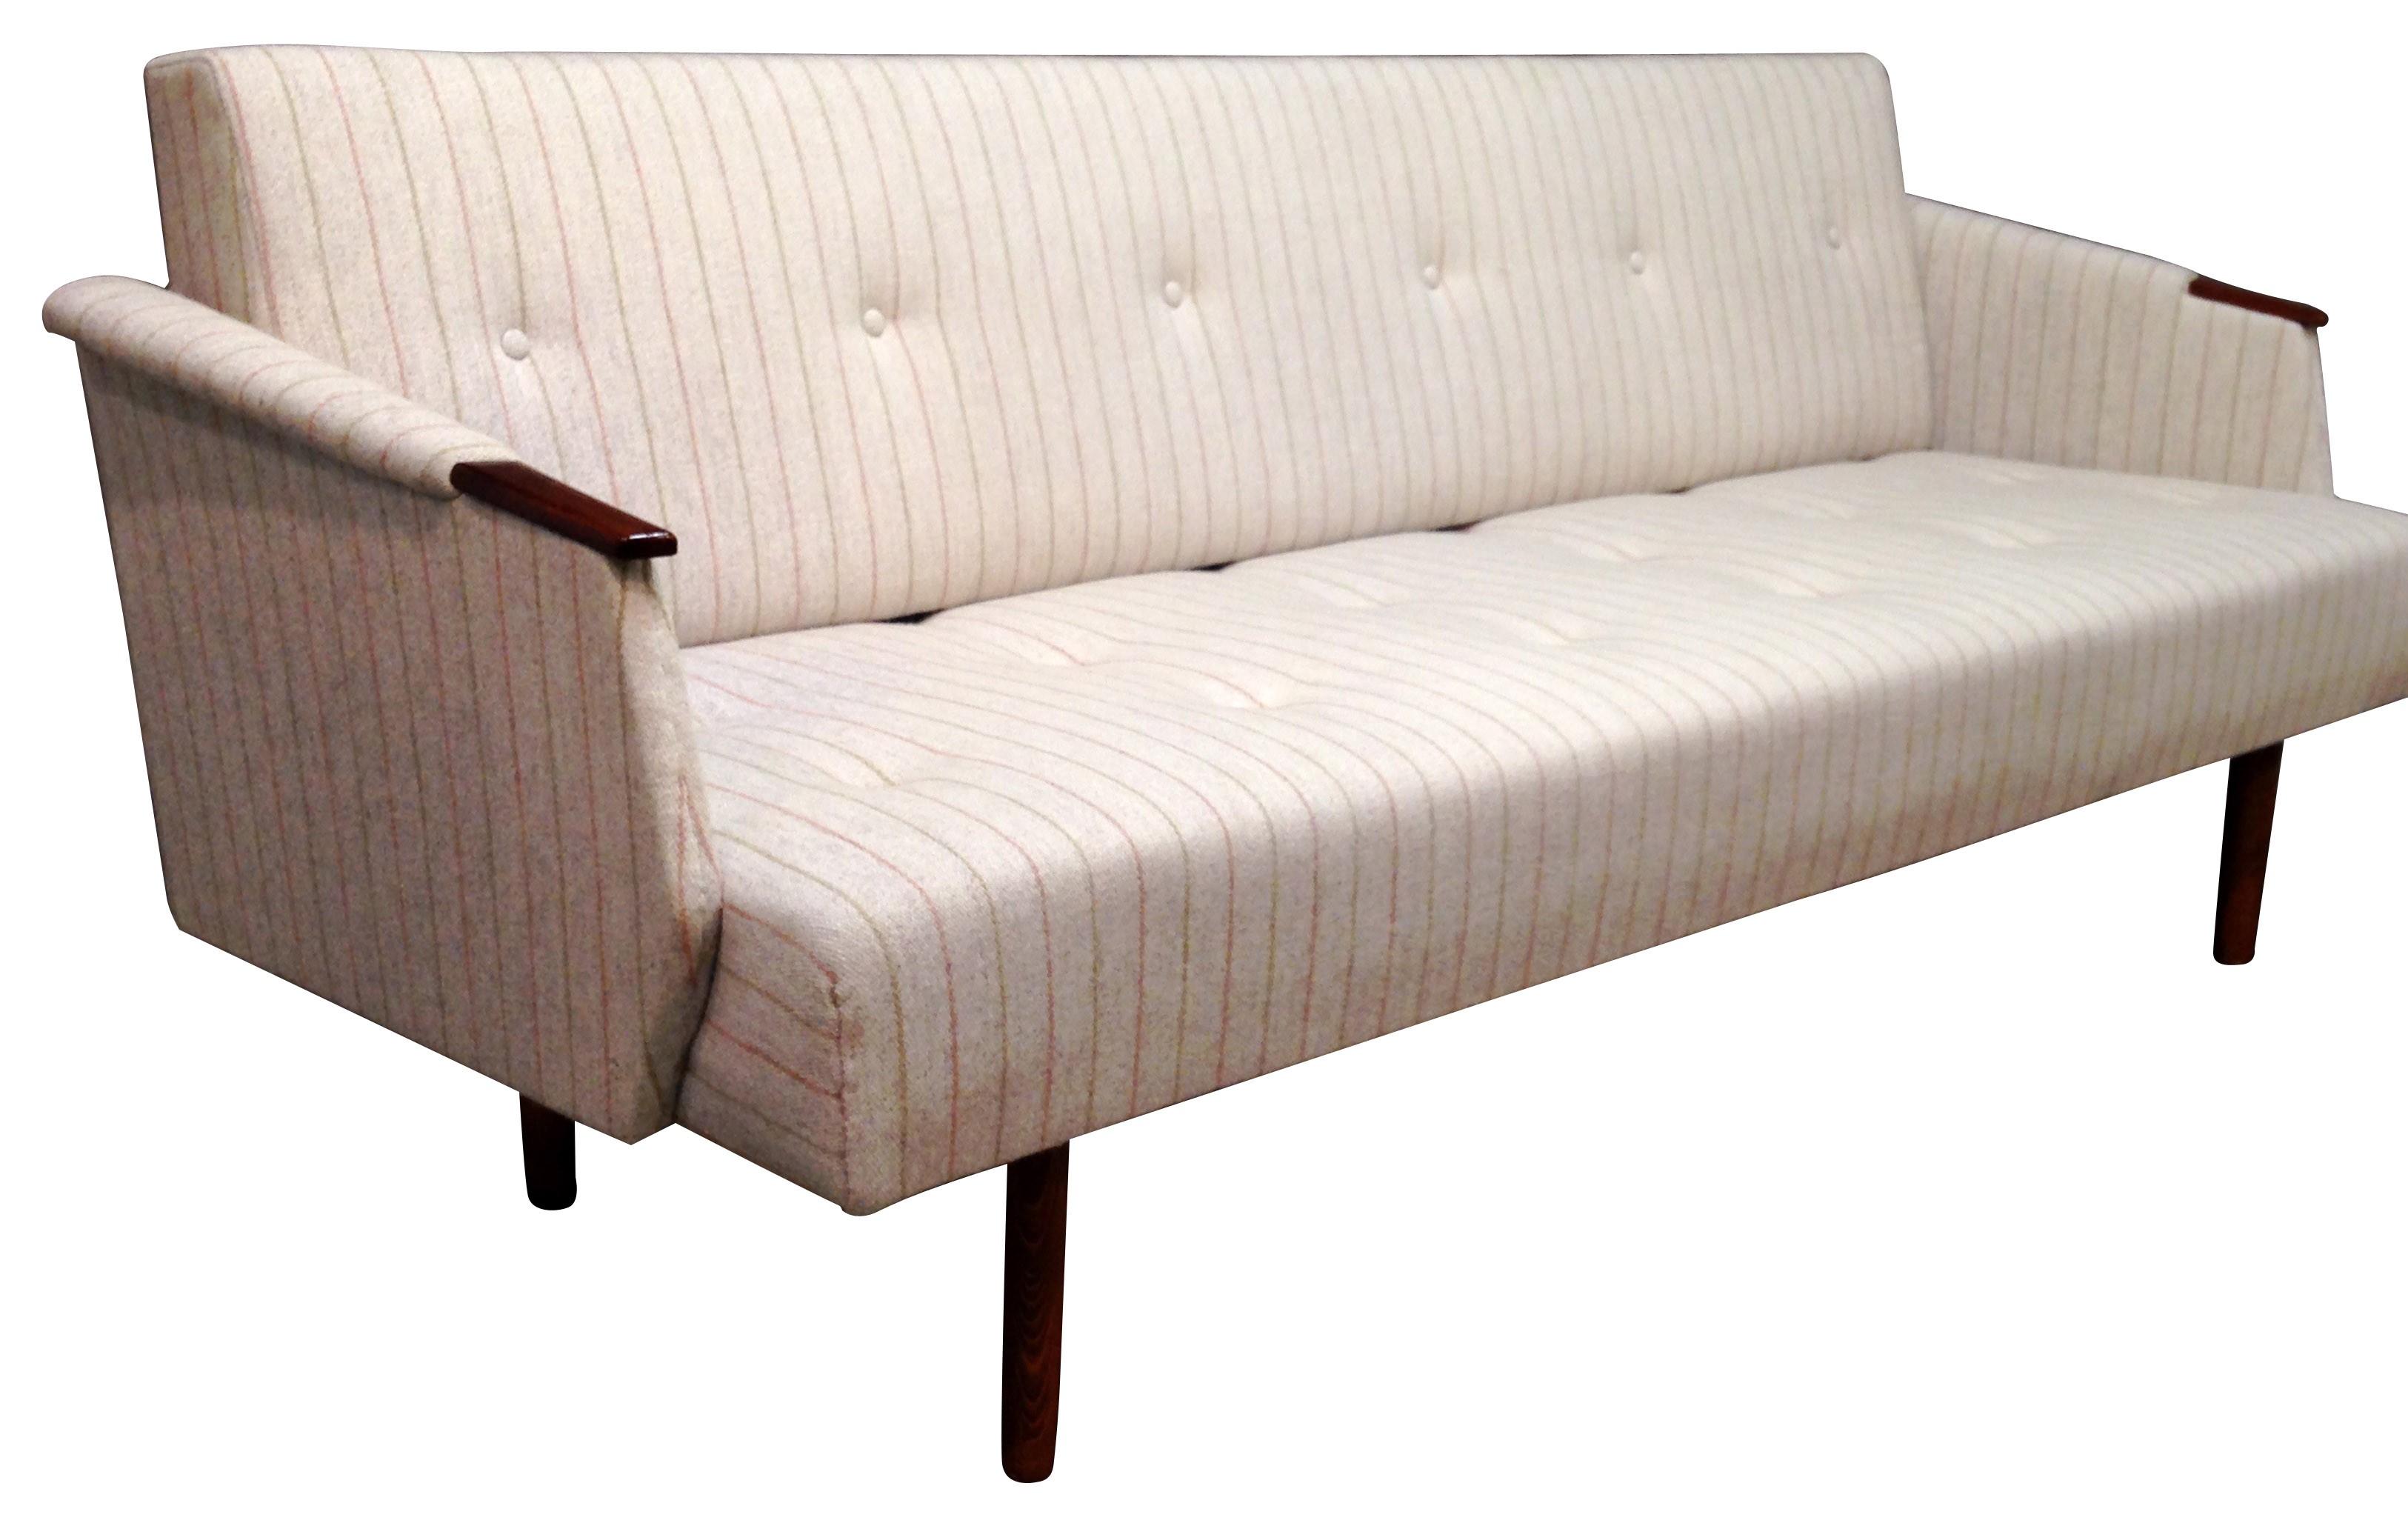 Scandinavian Convertible Sofa In Couch 1960s Design Market